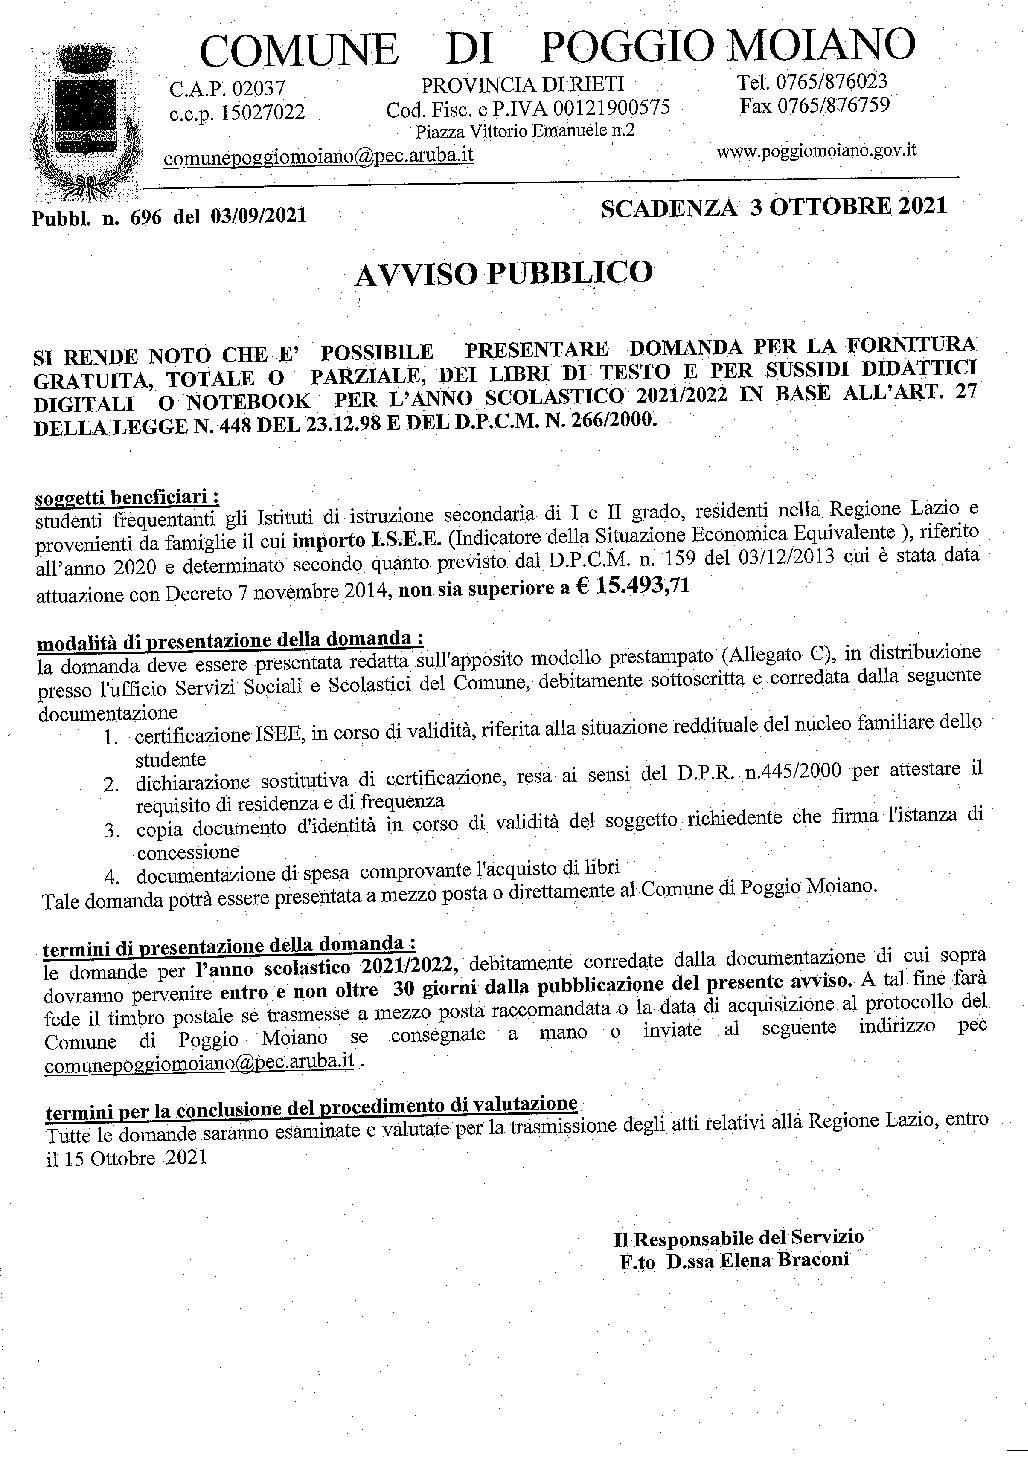 DOMANDA LIBRI DI TESTO 2021